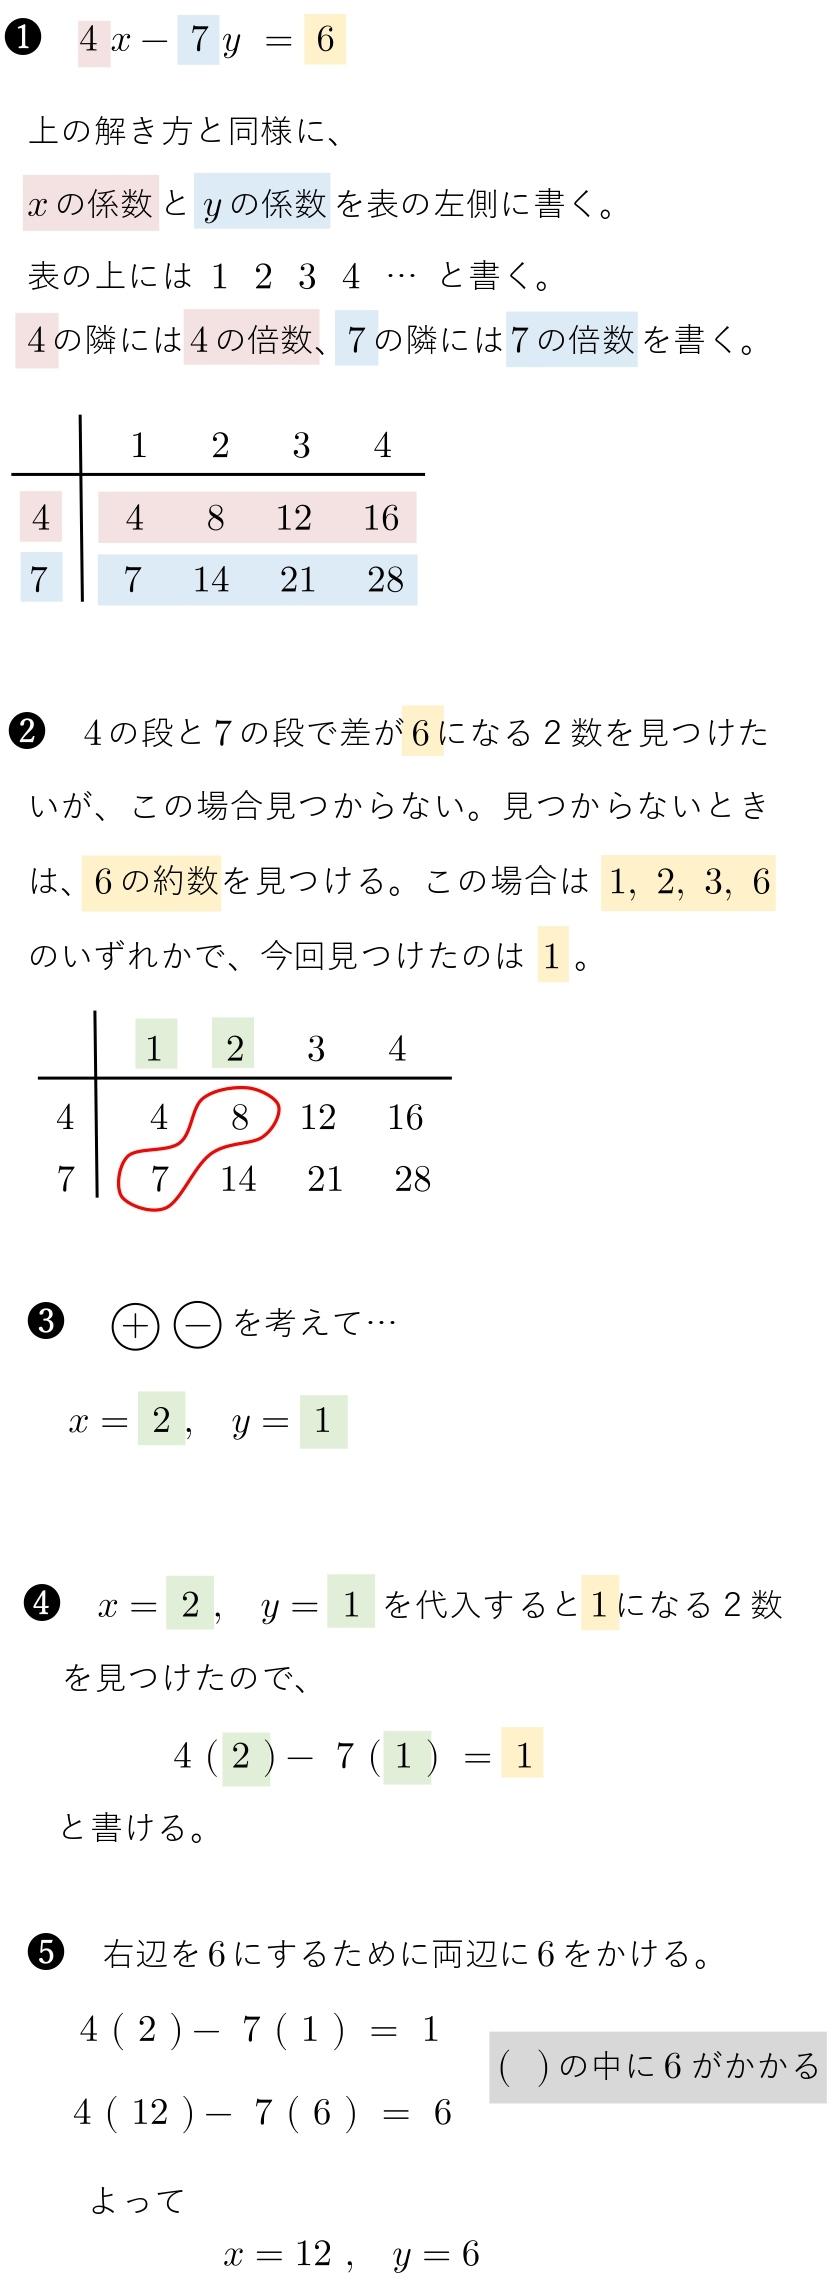 1次不定方程式 1つの解 見つけ方 自力 問題 解説